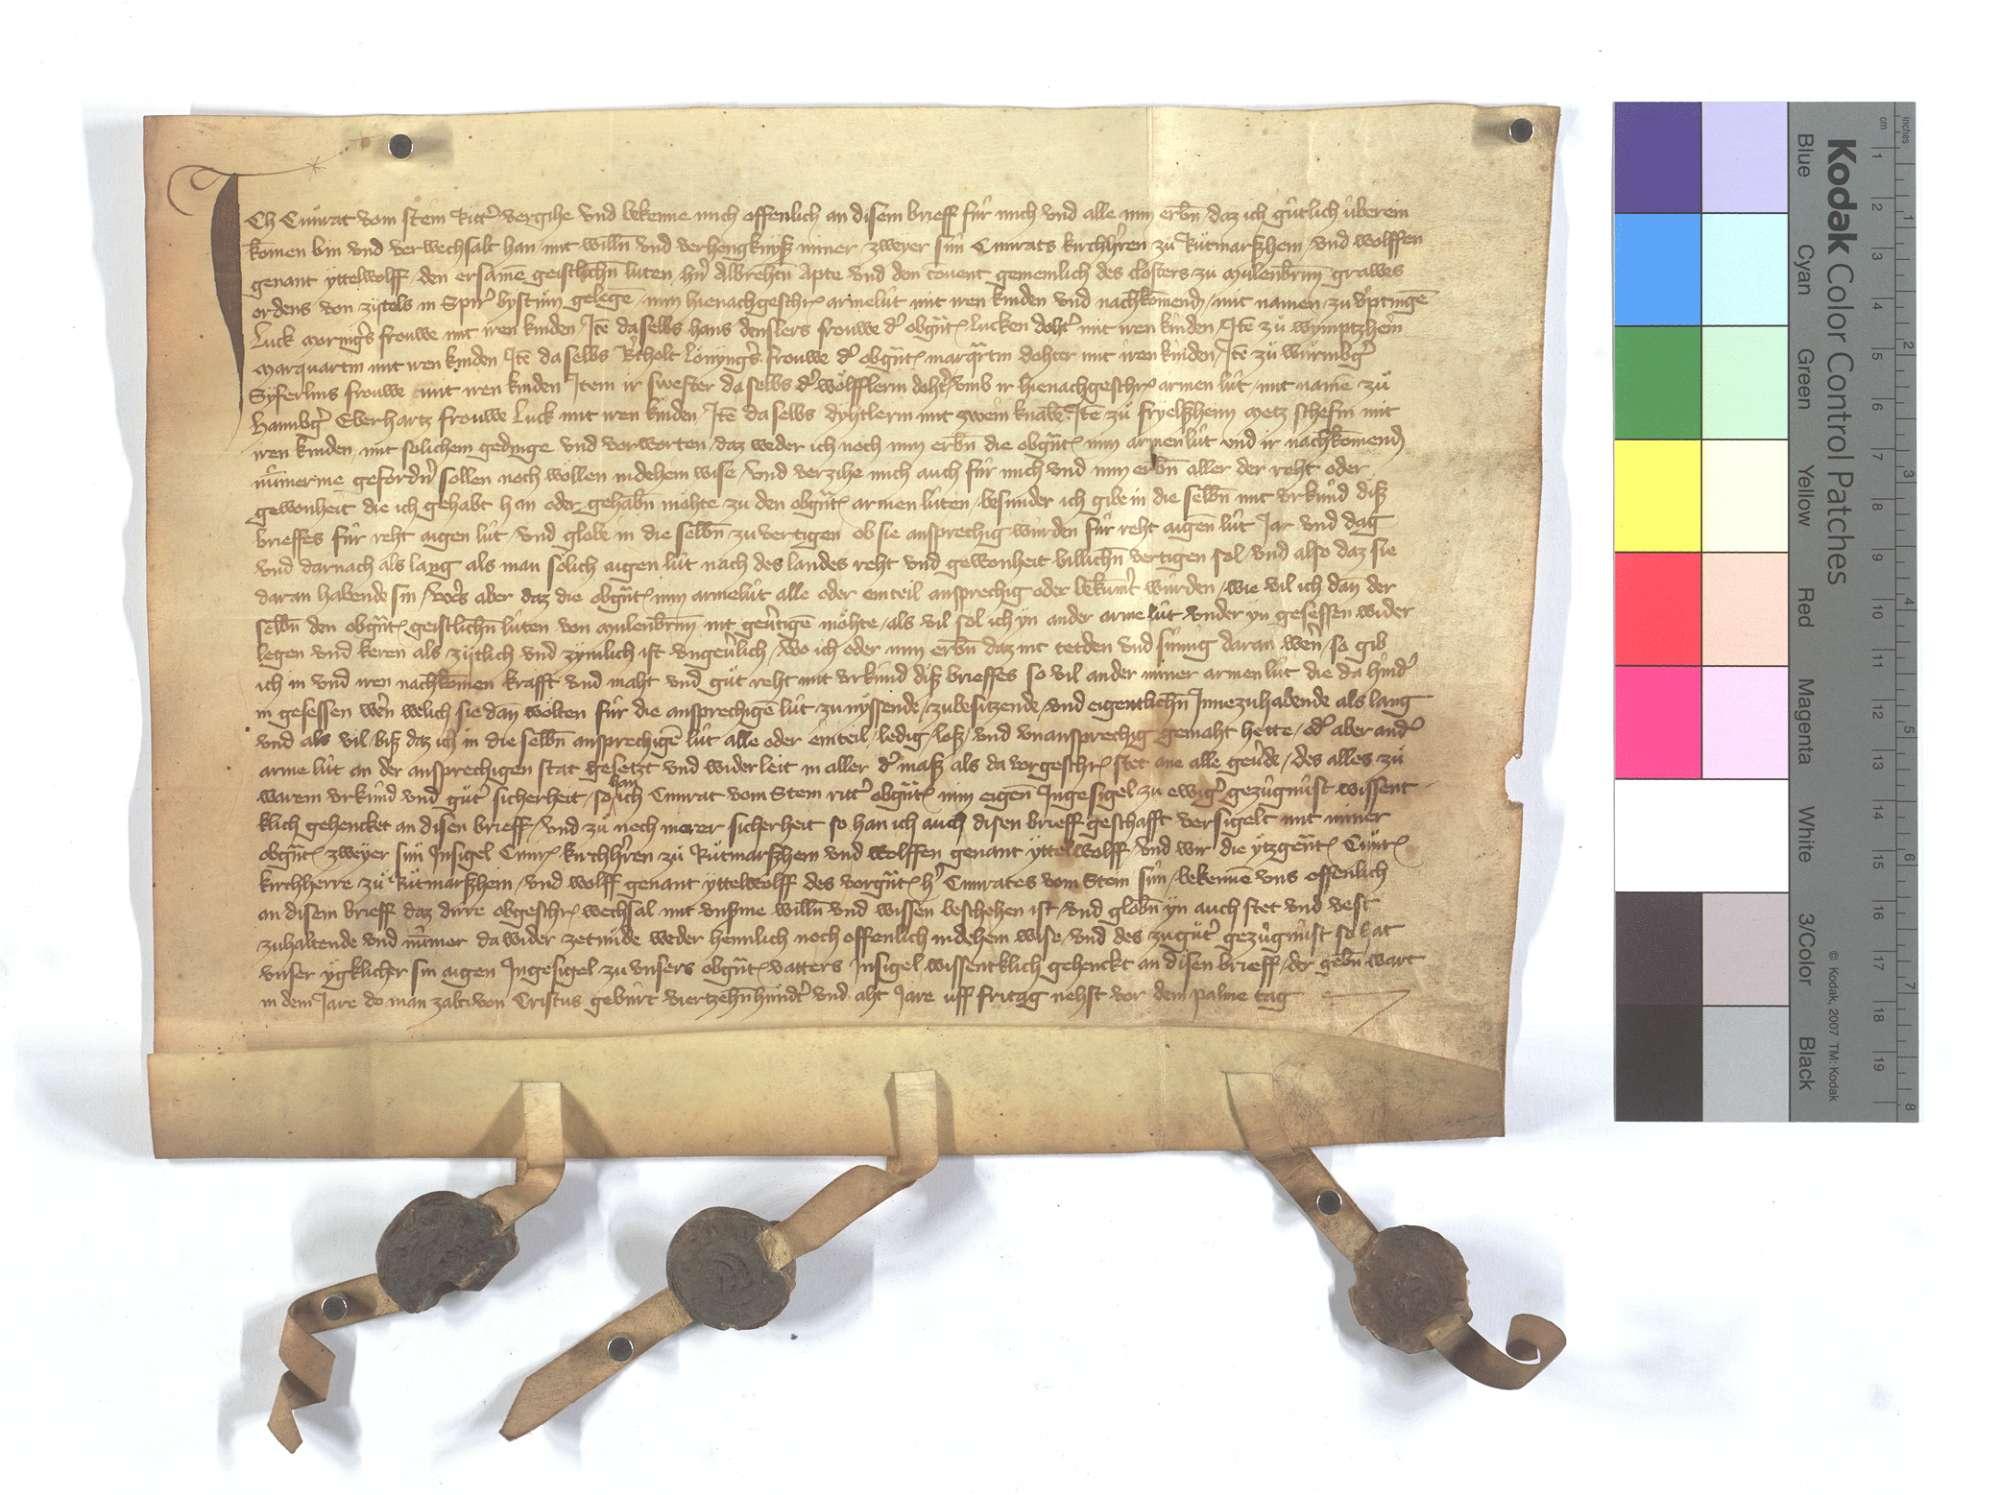 Fertigung des Conrad vom Stein, als er dem Kloster Maulbronn seine Leibeigenen in Iptingen, Wimsheim (Wimbsheim) und Wurmberg gegen dessen Leibeigene in Hamberg und Friolzheim (Friolsheim) verkauft., Text